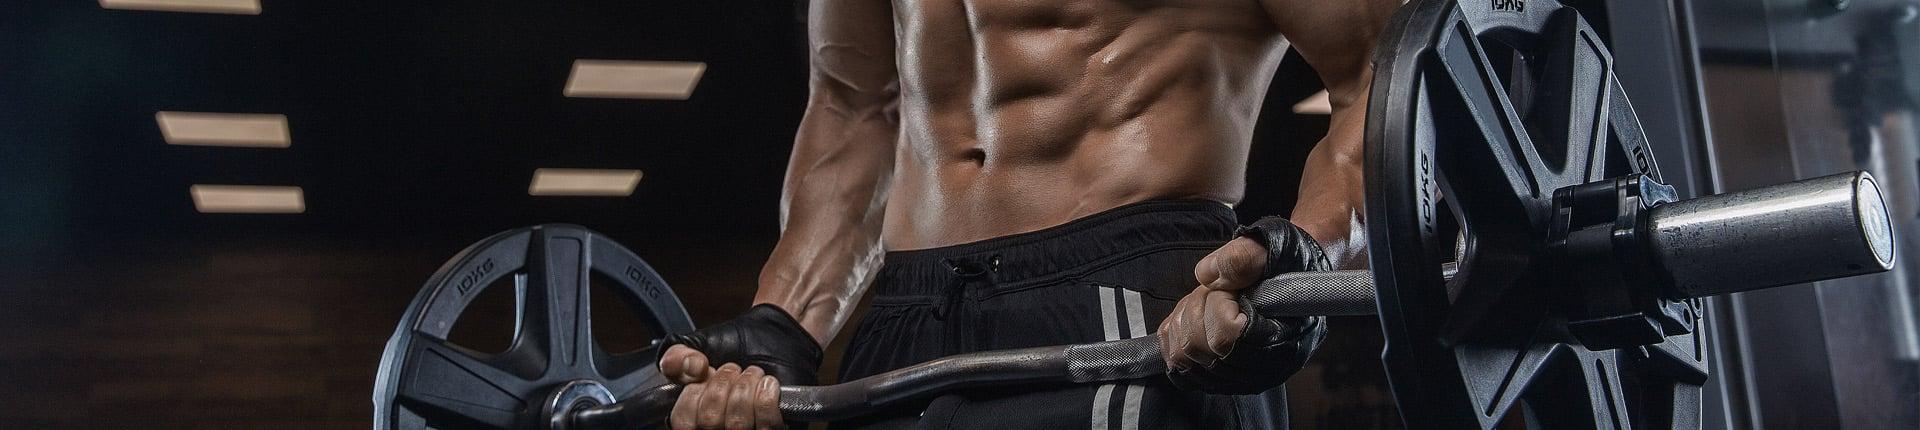 Trening na masę, a trening na siłę - najczęstsze pytania